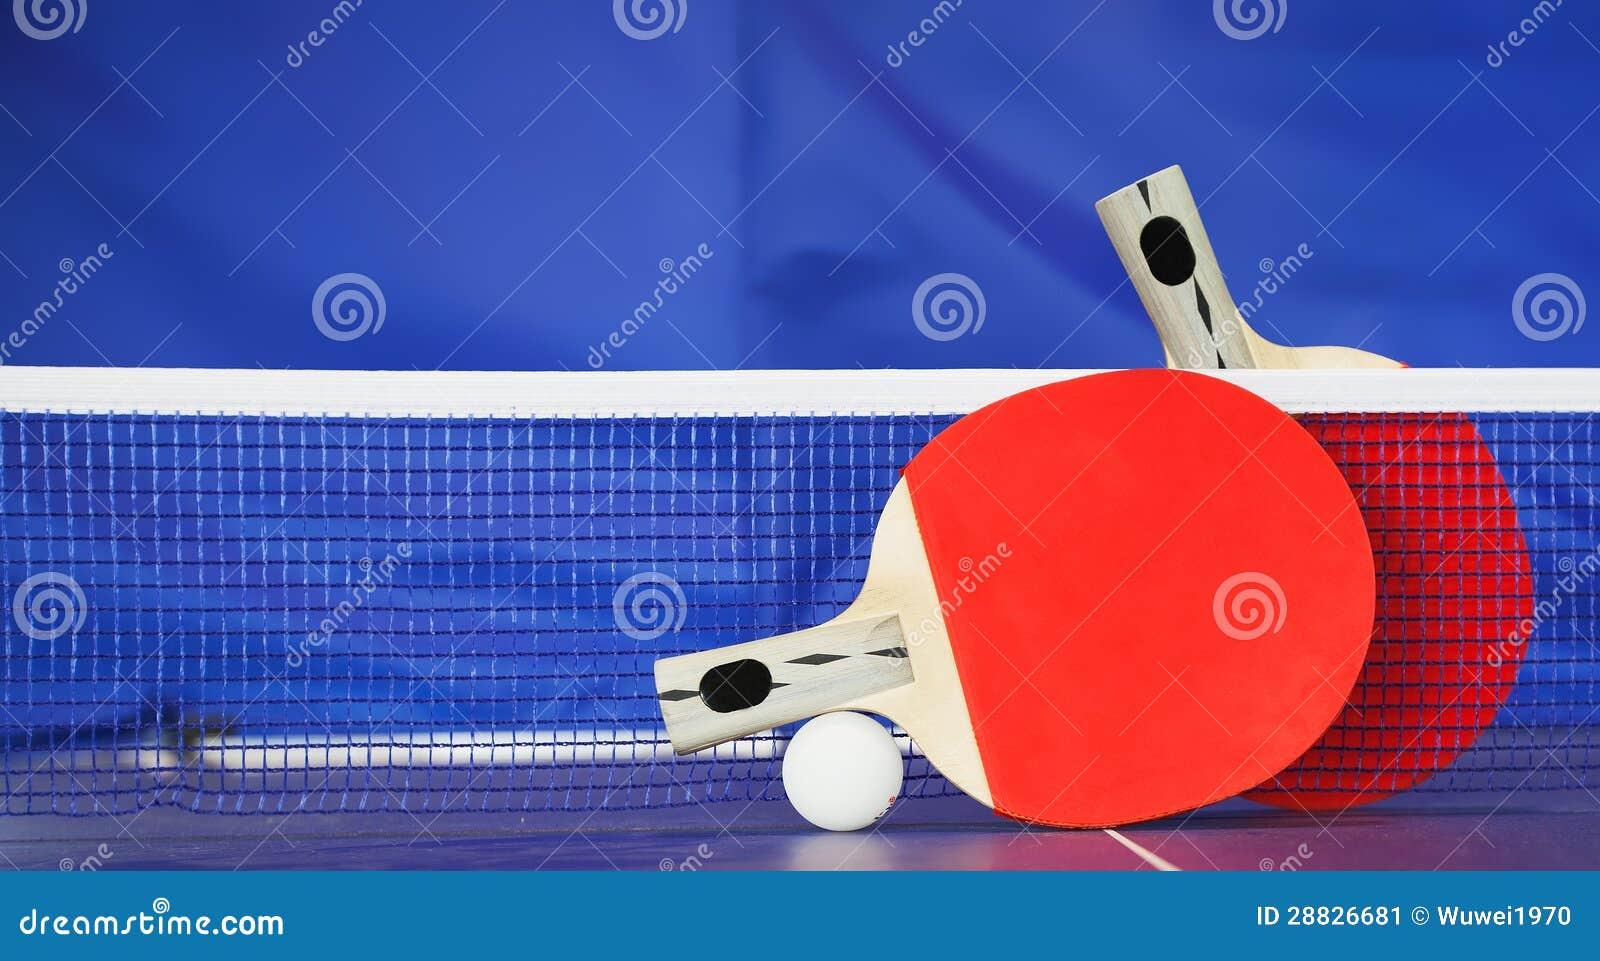 乒乓球是其中一个世界事件在体育上.宋钦宗马球图片